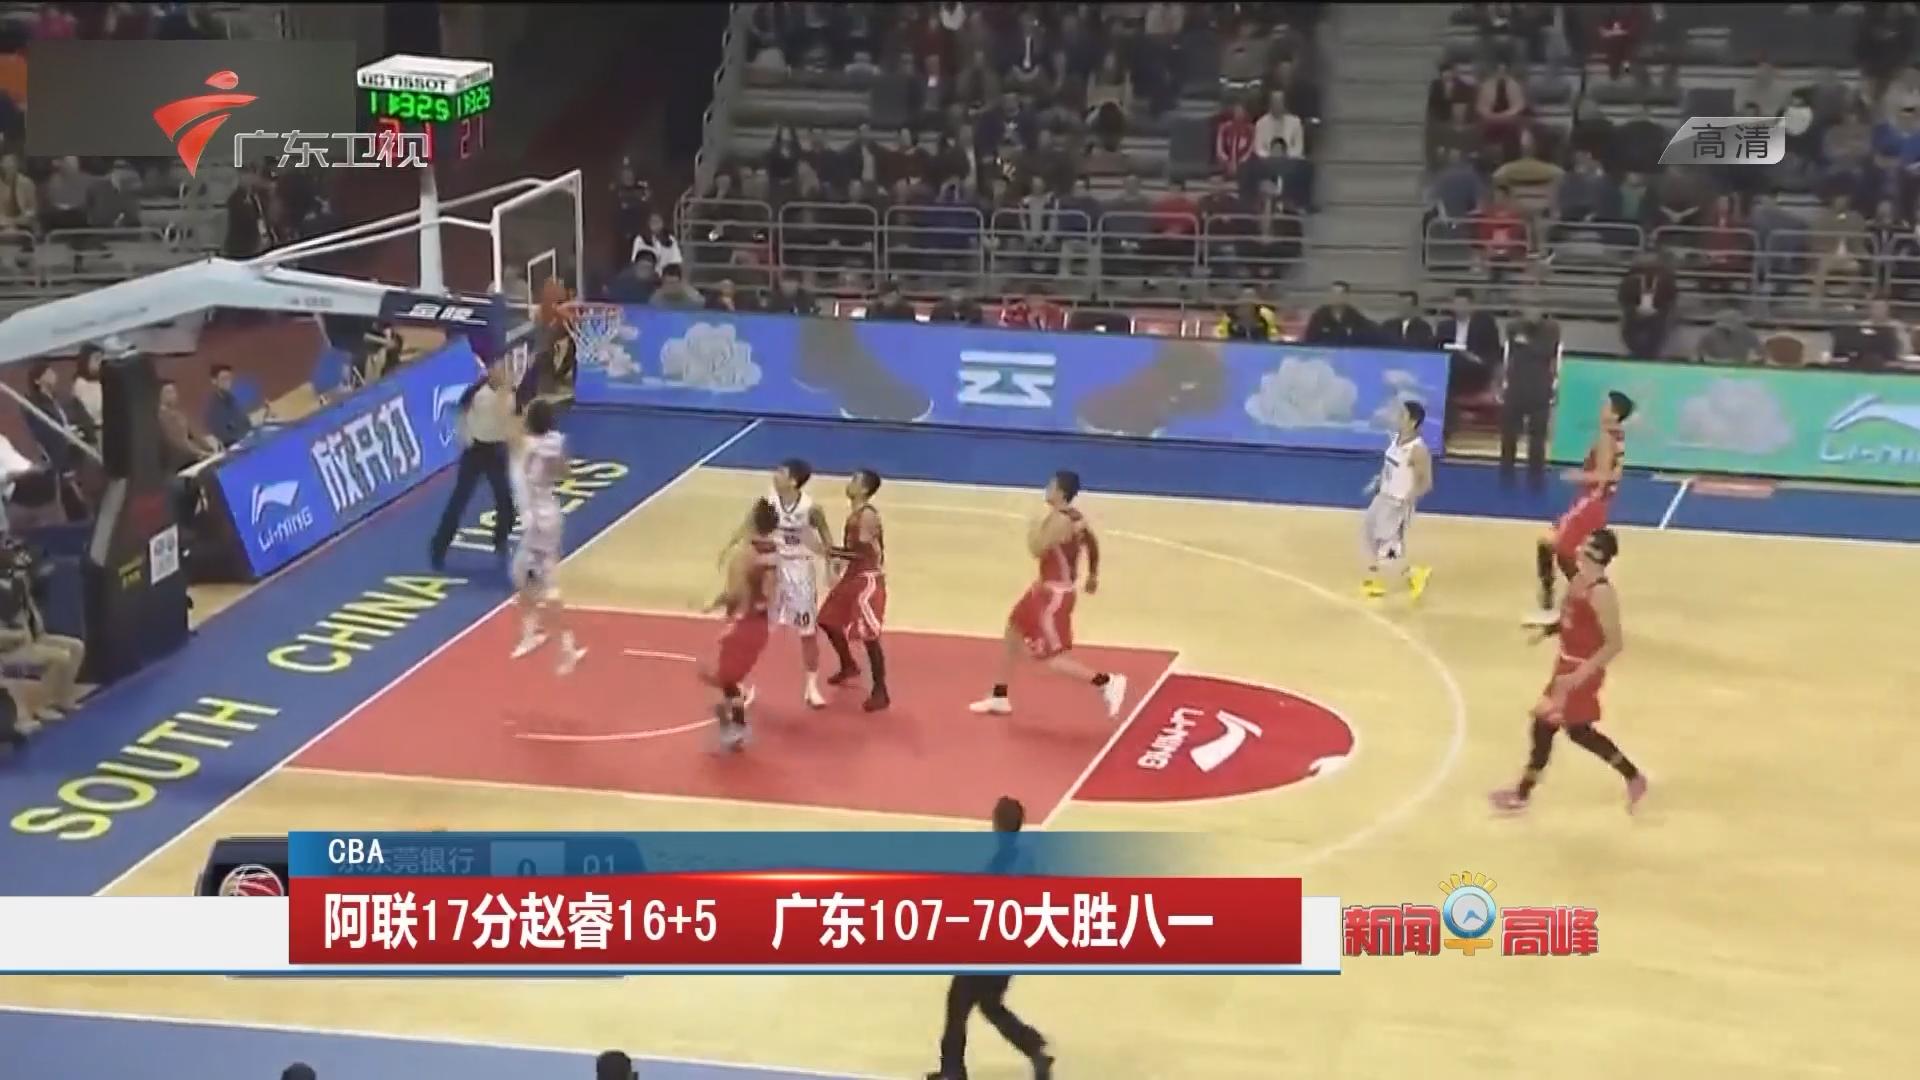 CBA:阿联17分赵睿16+5 广东107—70大胜八一